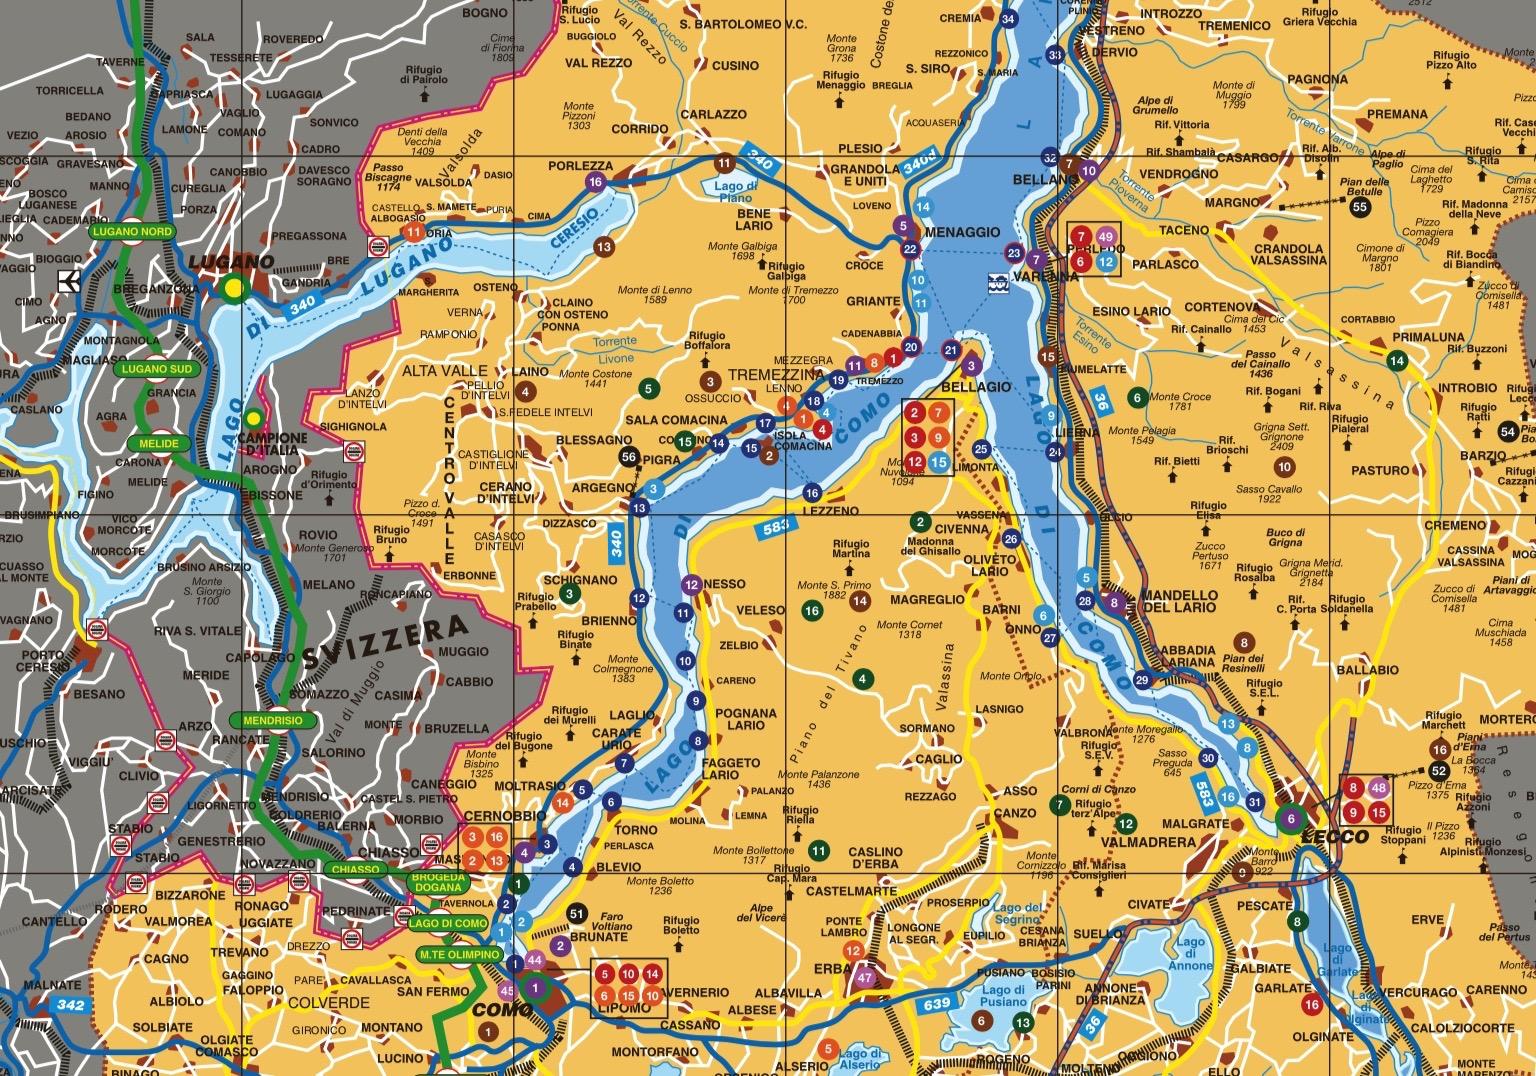 Cartina topografica Lago Di Garda